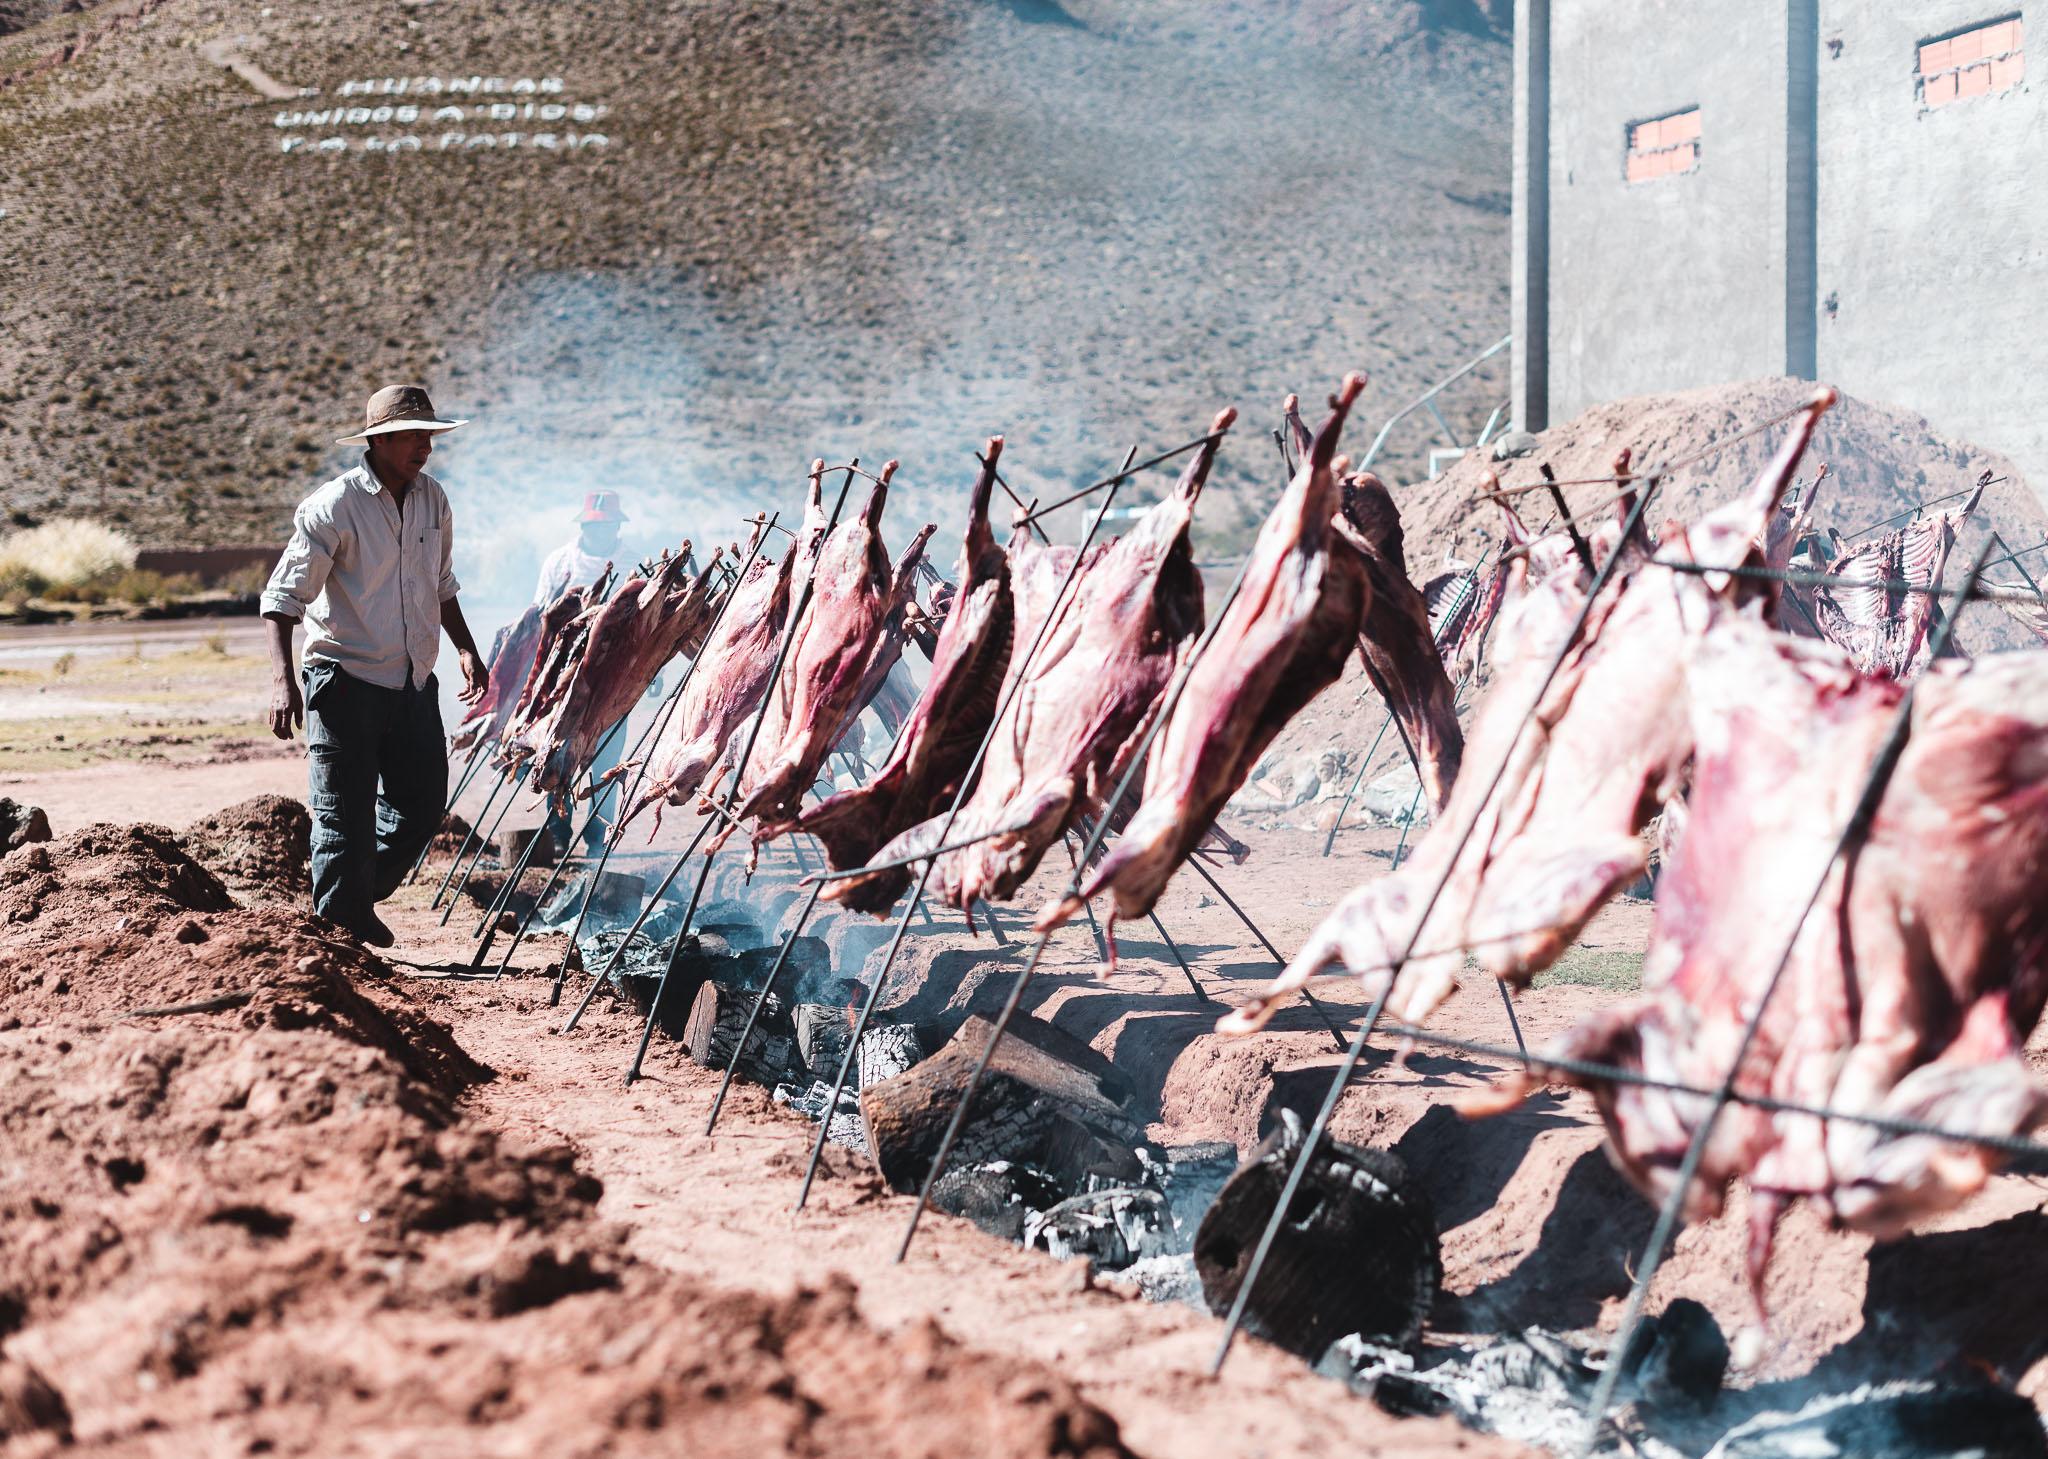 Für die Feier des 300-Einwohner Ortes Huáncar wurden 50 Lämmer gegrillt. Diese Aufnahme entstand abseits der eigentlichen Feier.